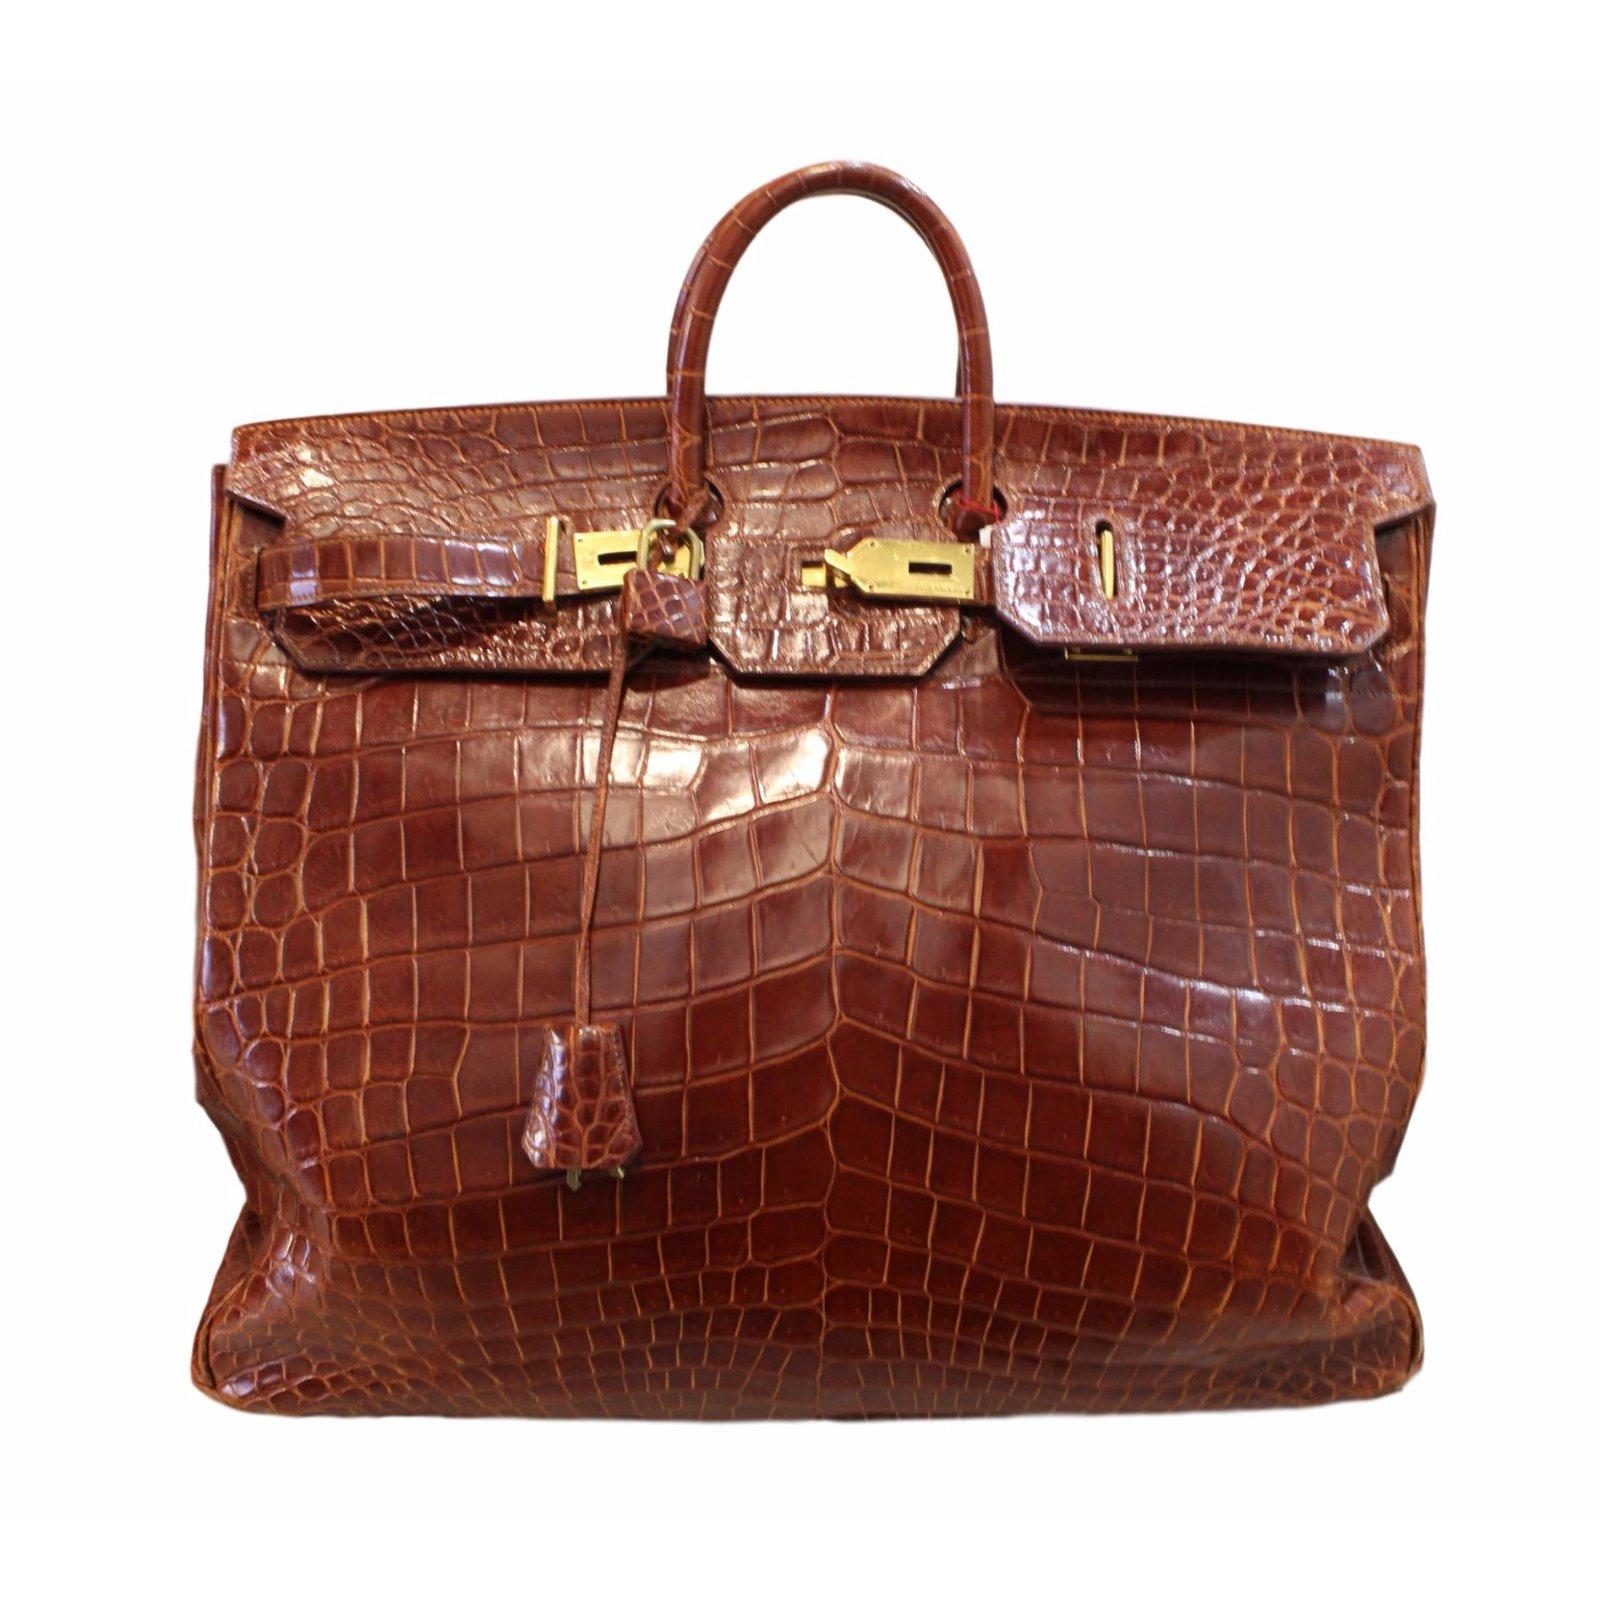 Sacs de voyage Hermès Birkin Voyage croco HAC Cuirs exotiques Marron  ref.54209 f5665f85775